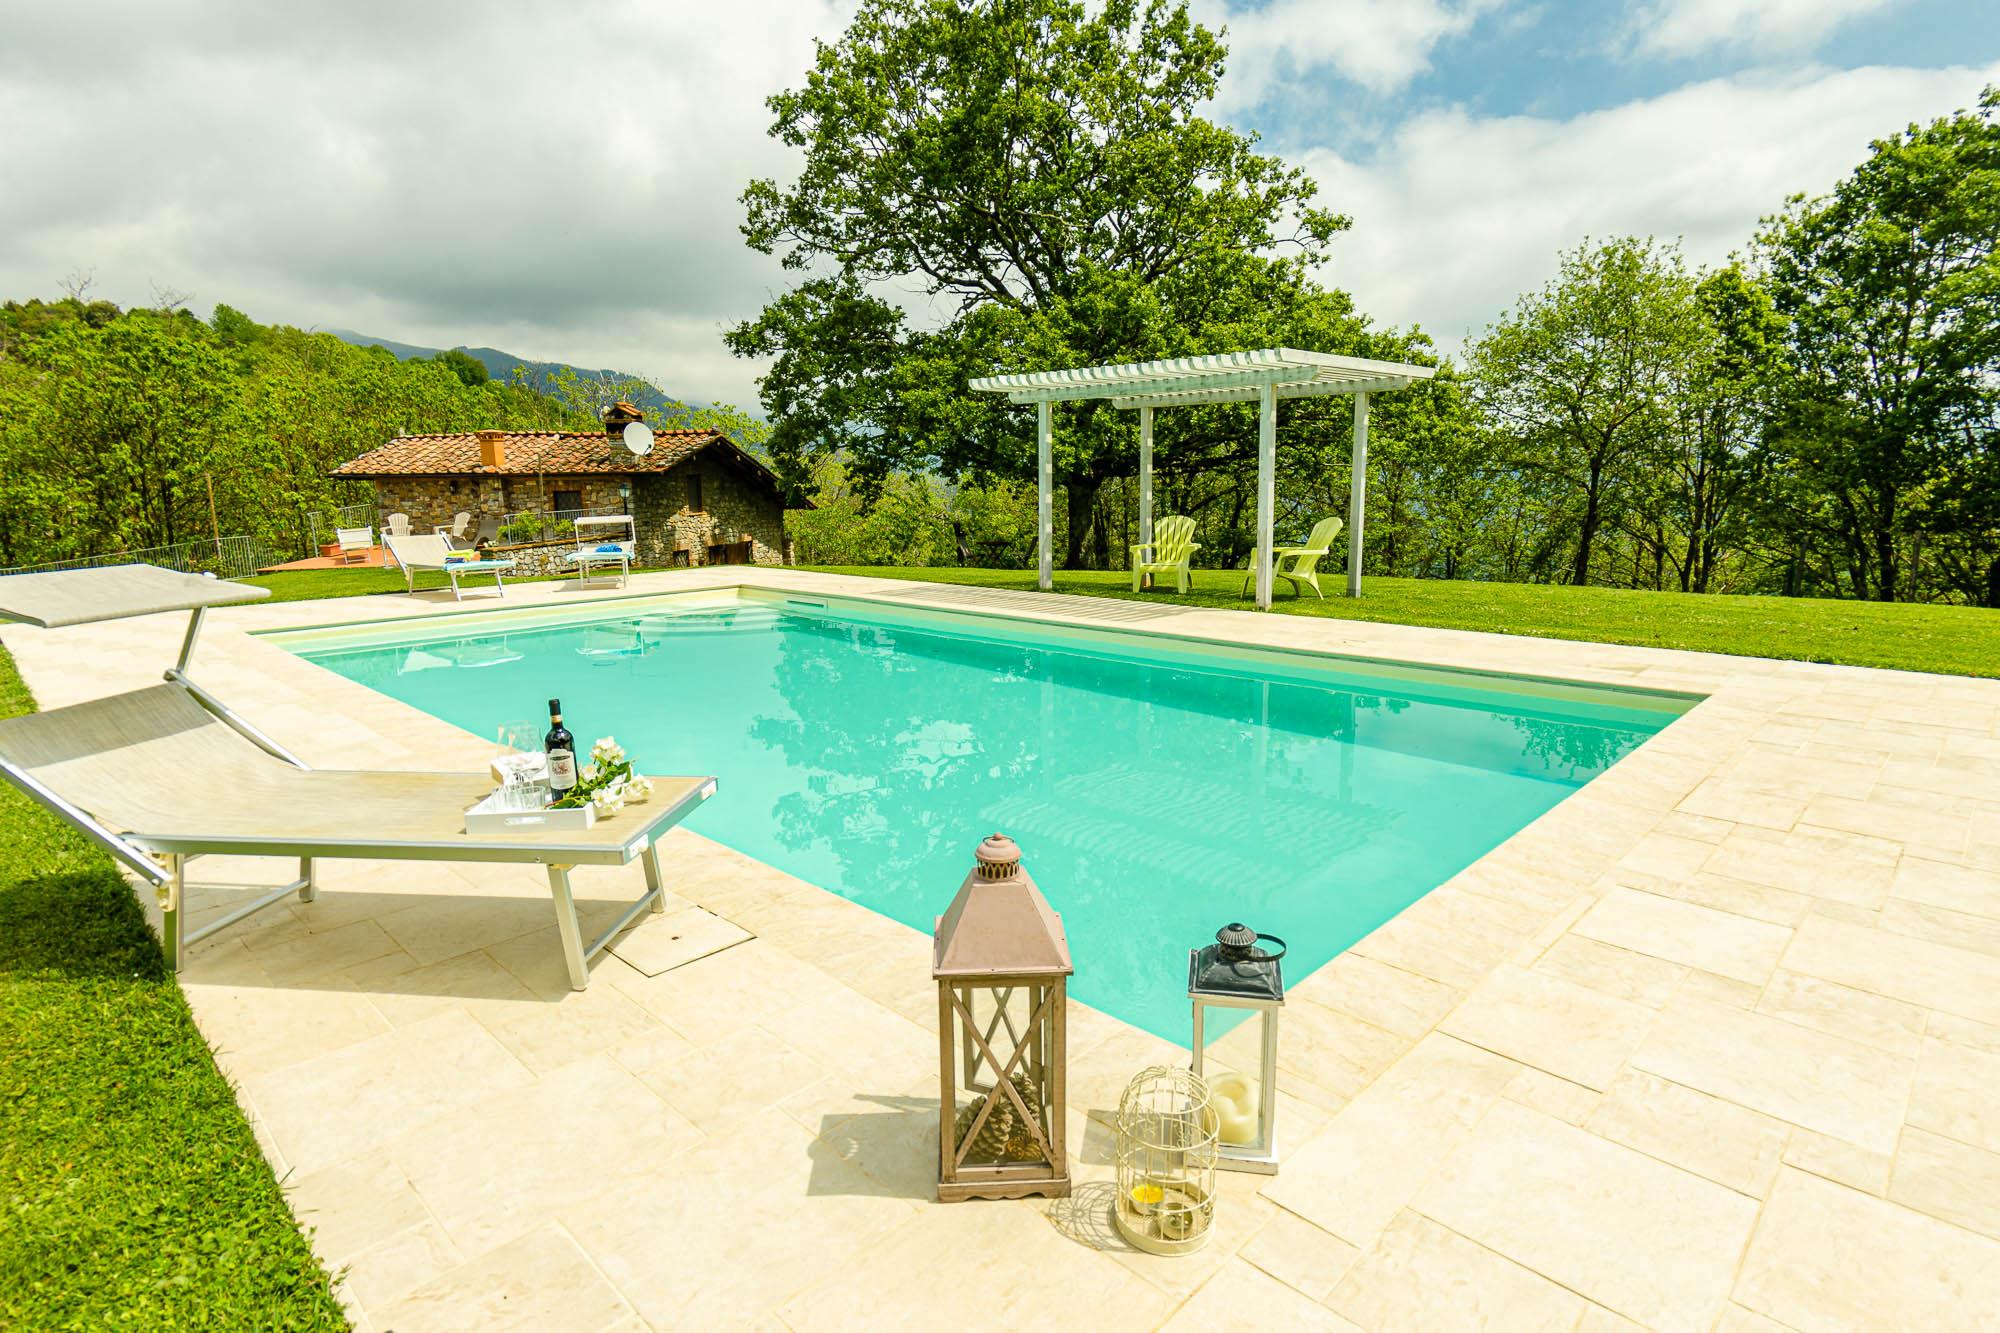 Ferienhaus toskana mit pool und hund eingez unt - Formentera ferienhaus mit pool ...